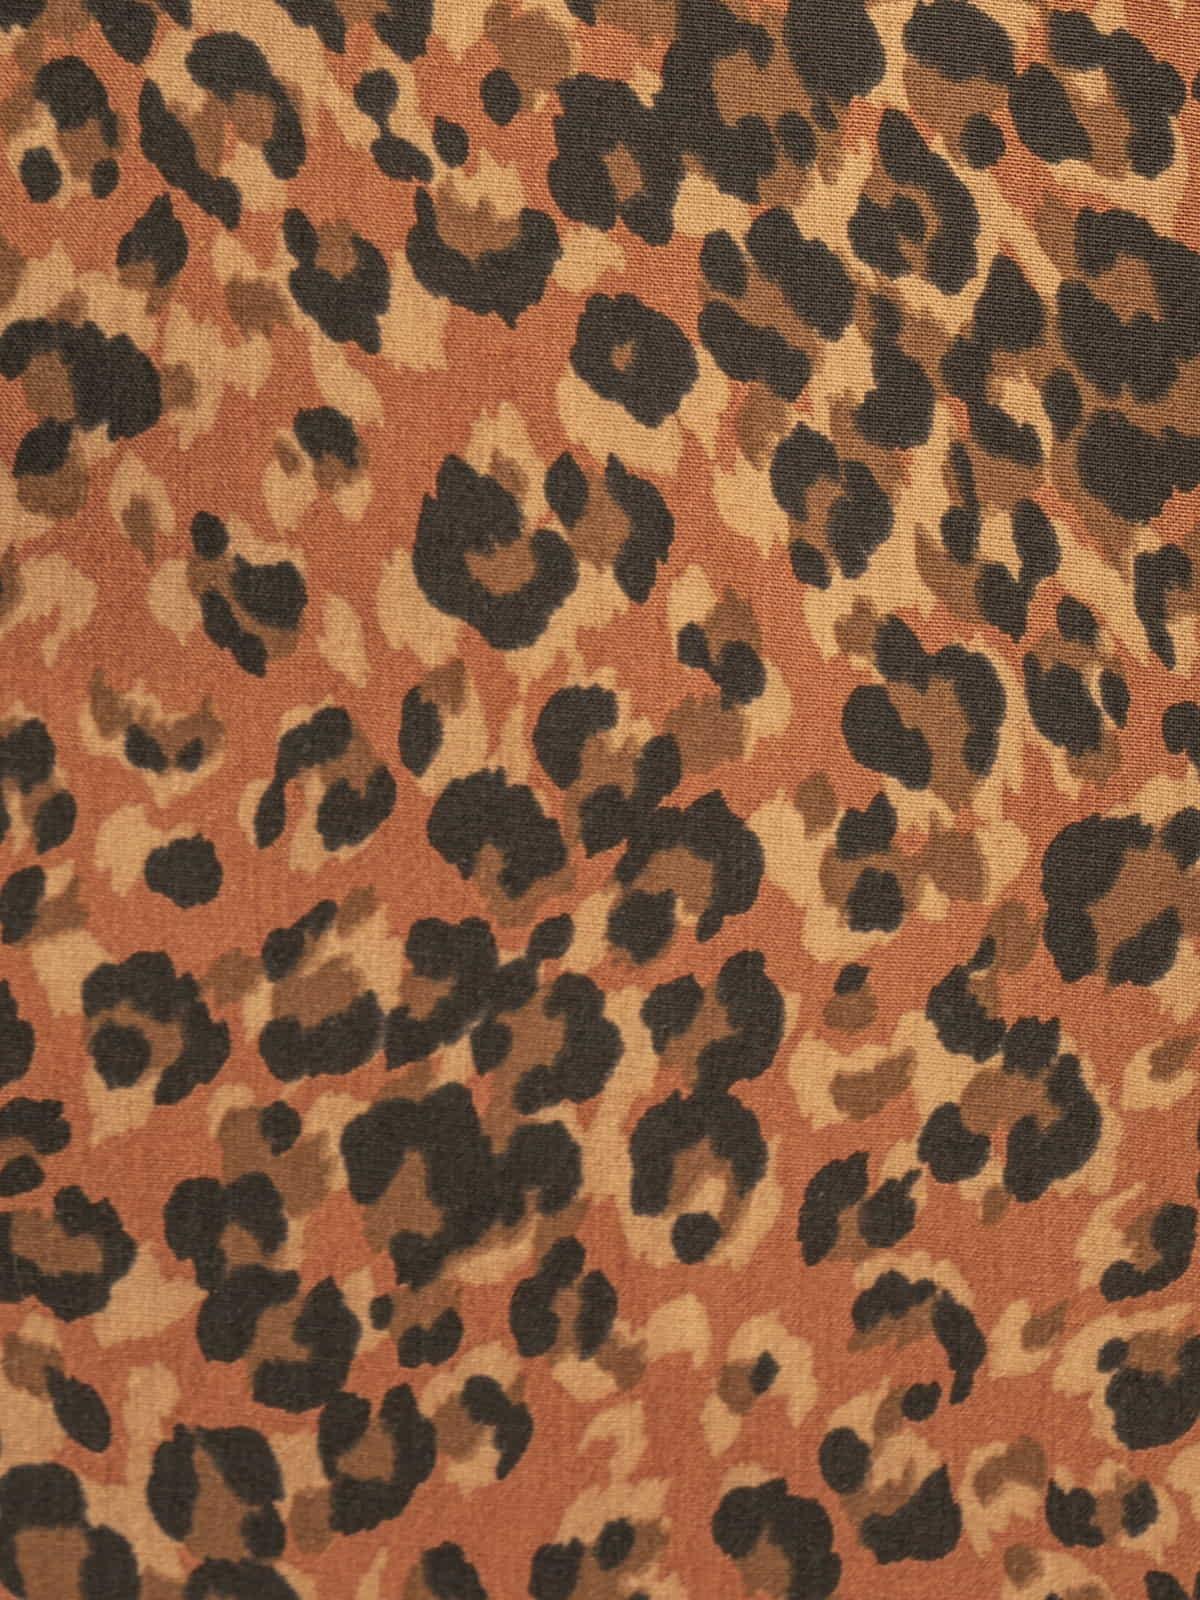 Camisa mujer botones animal print pequeñito Teja